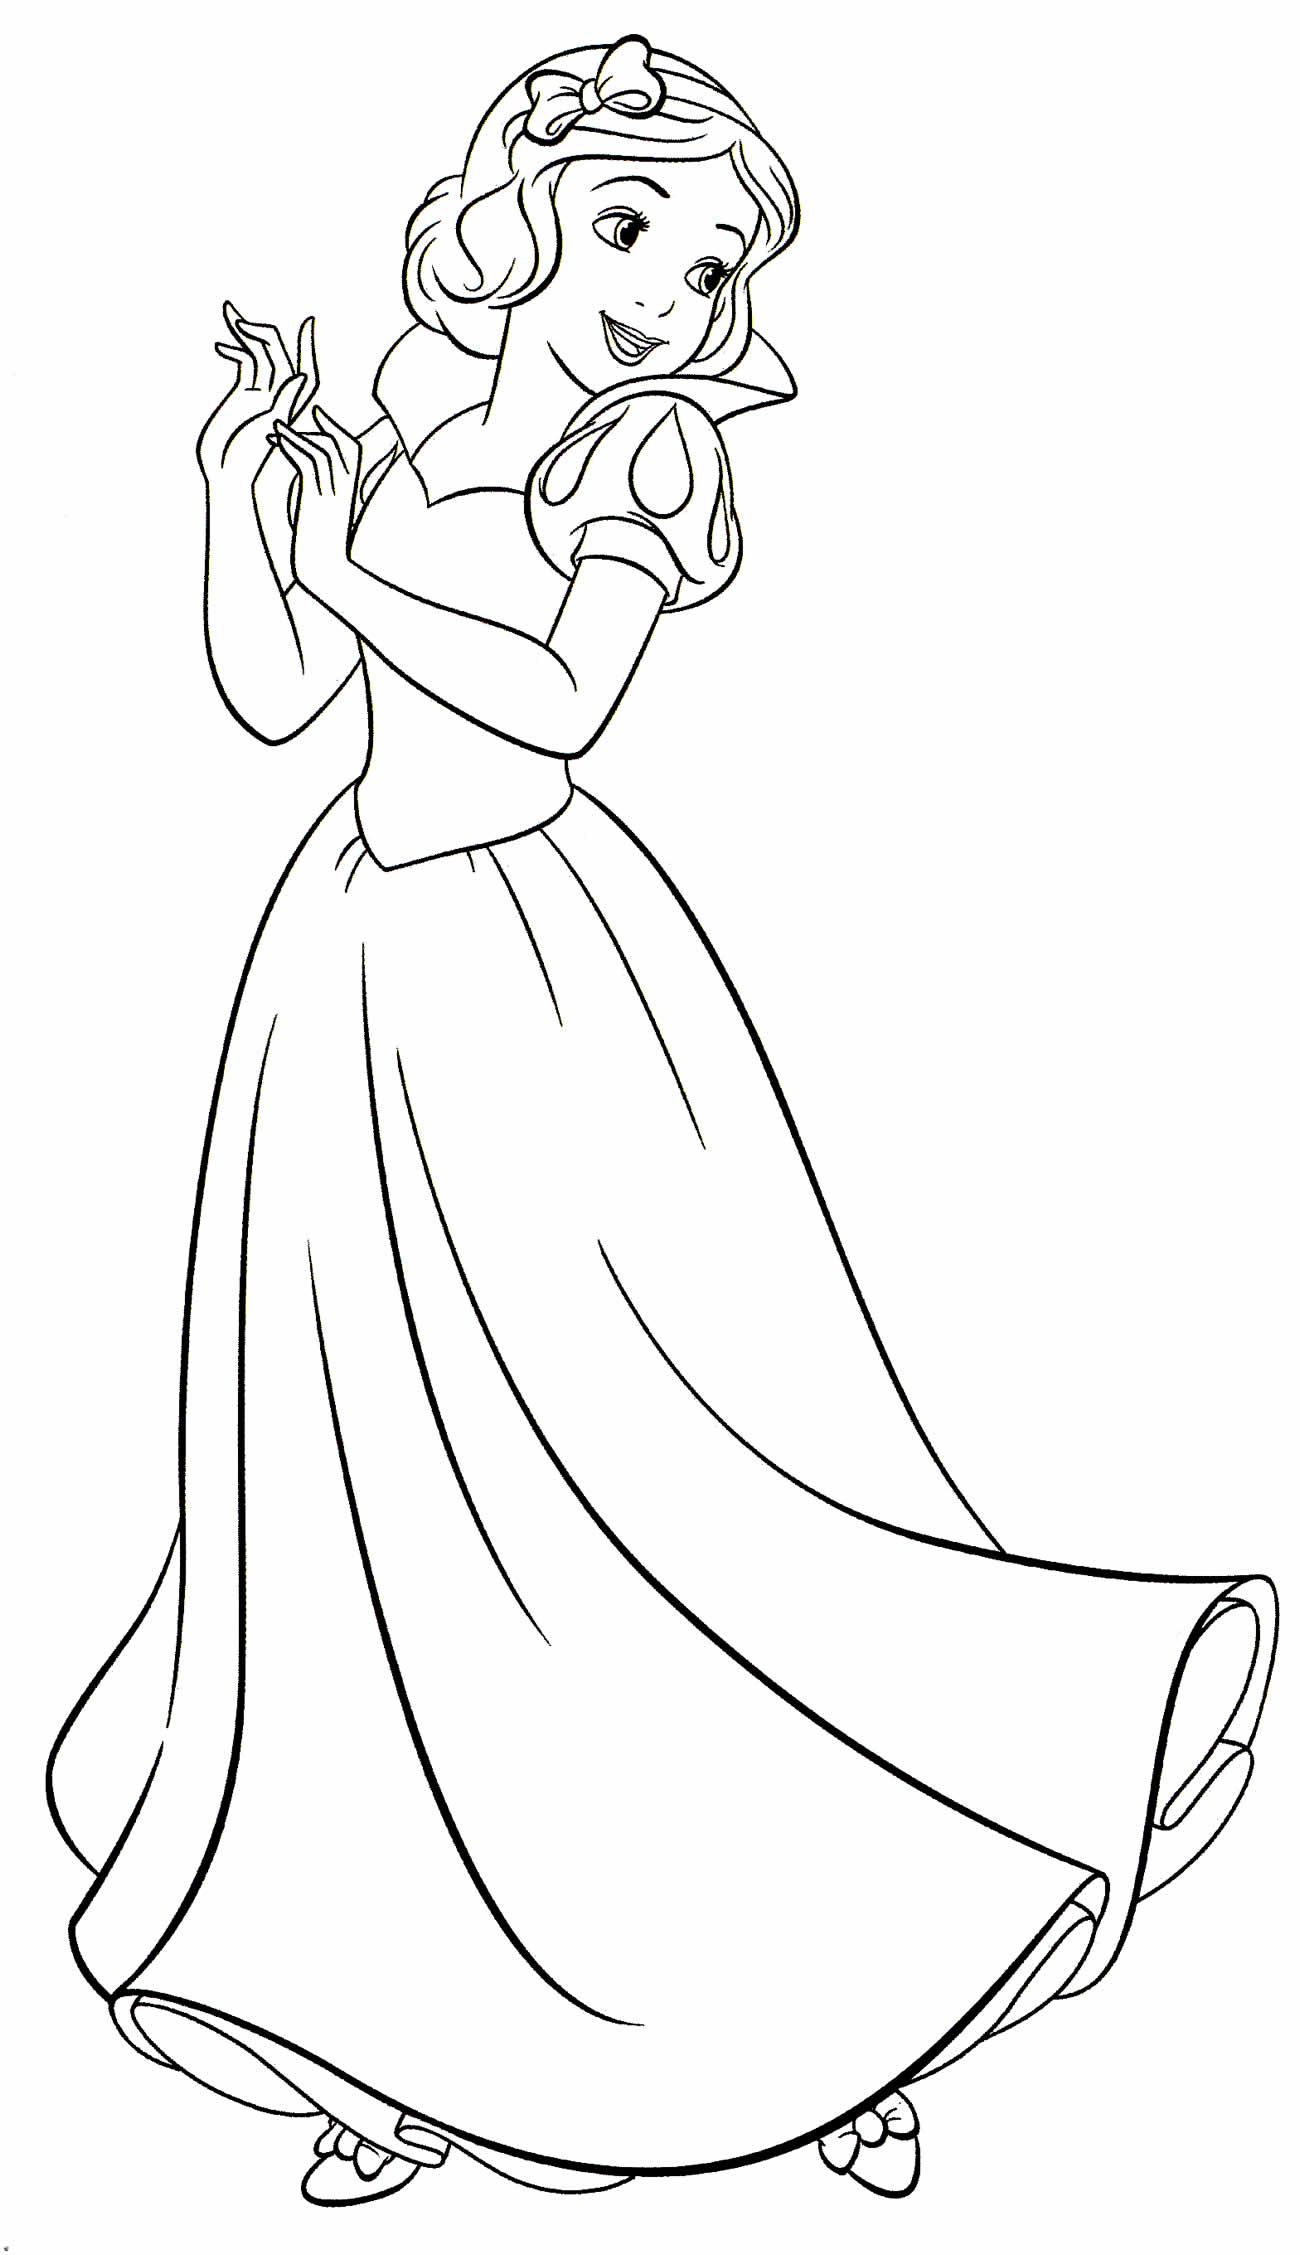 Desenho da Branca de Neve para pintar